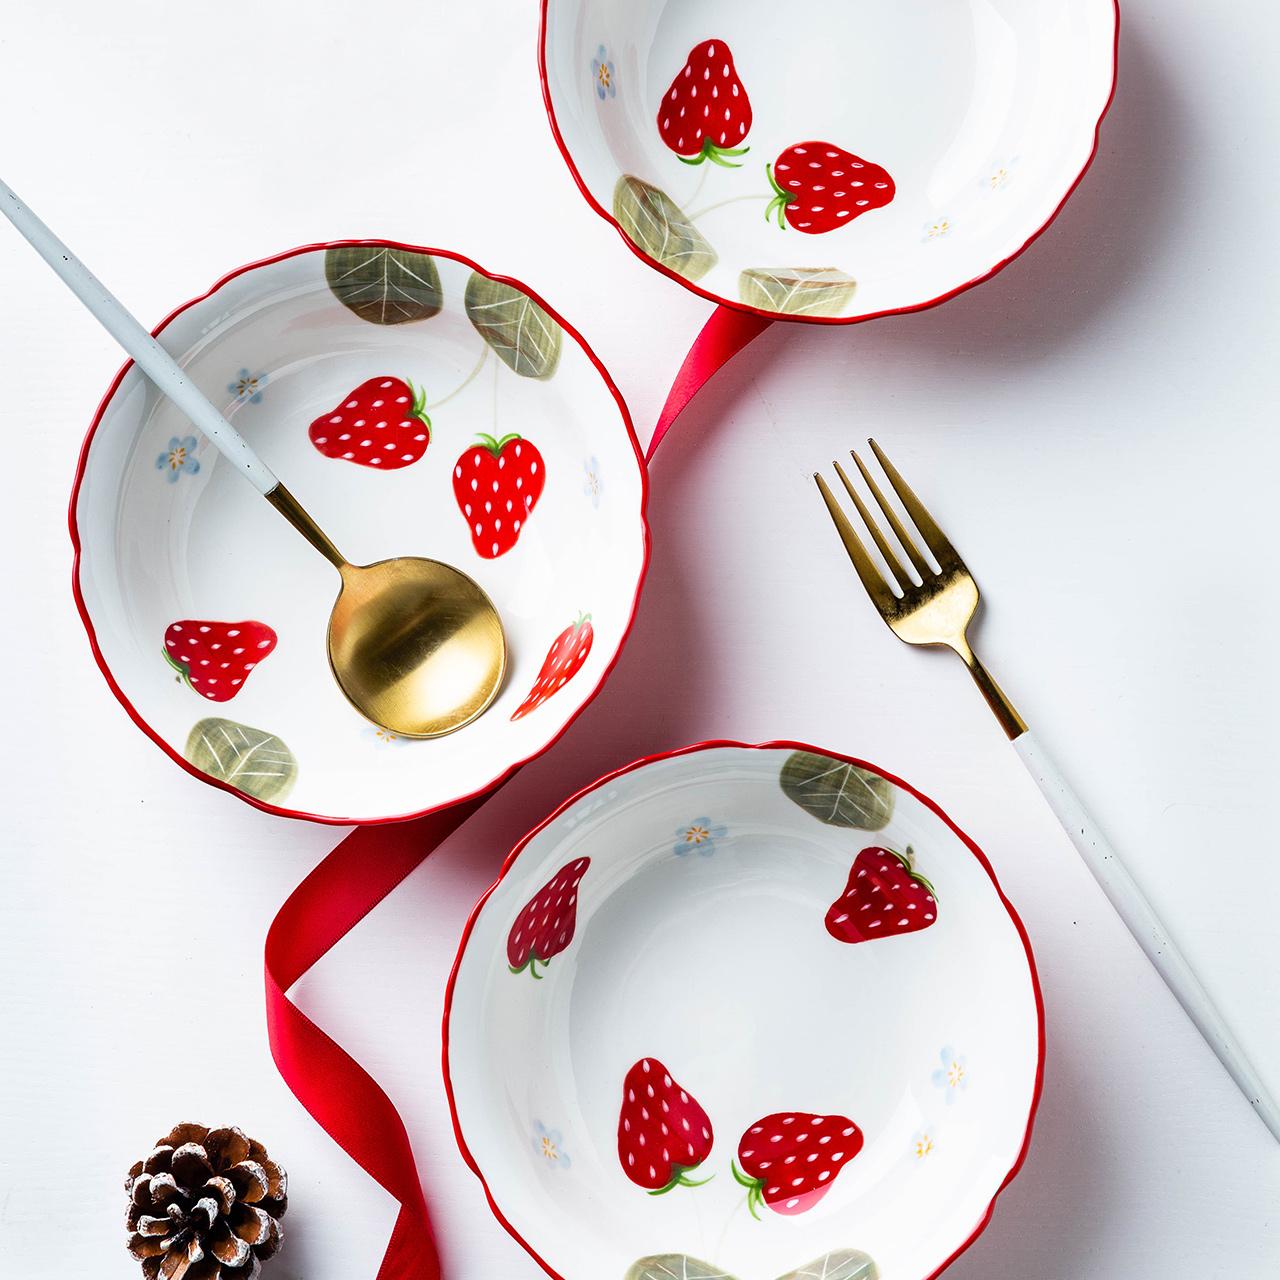 摩登主妇 可爱水果沙拉碗家用陶瓷碗早餐碗创意草莓碗花边甜品碗